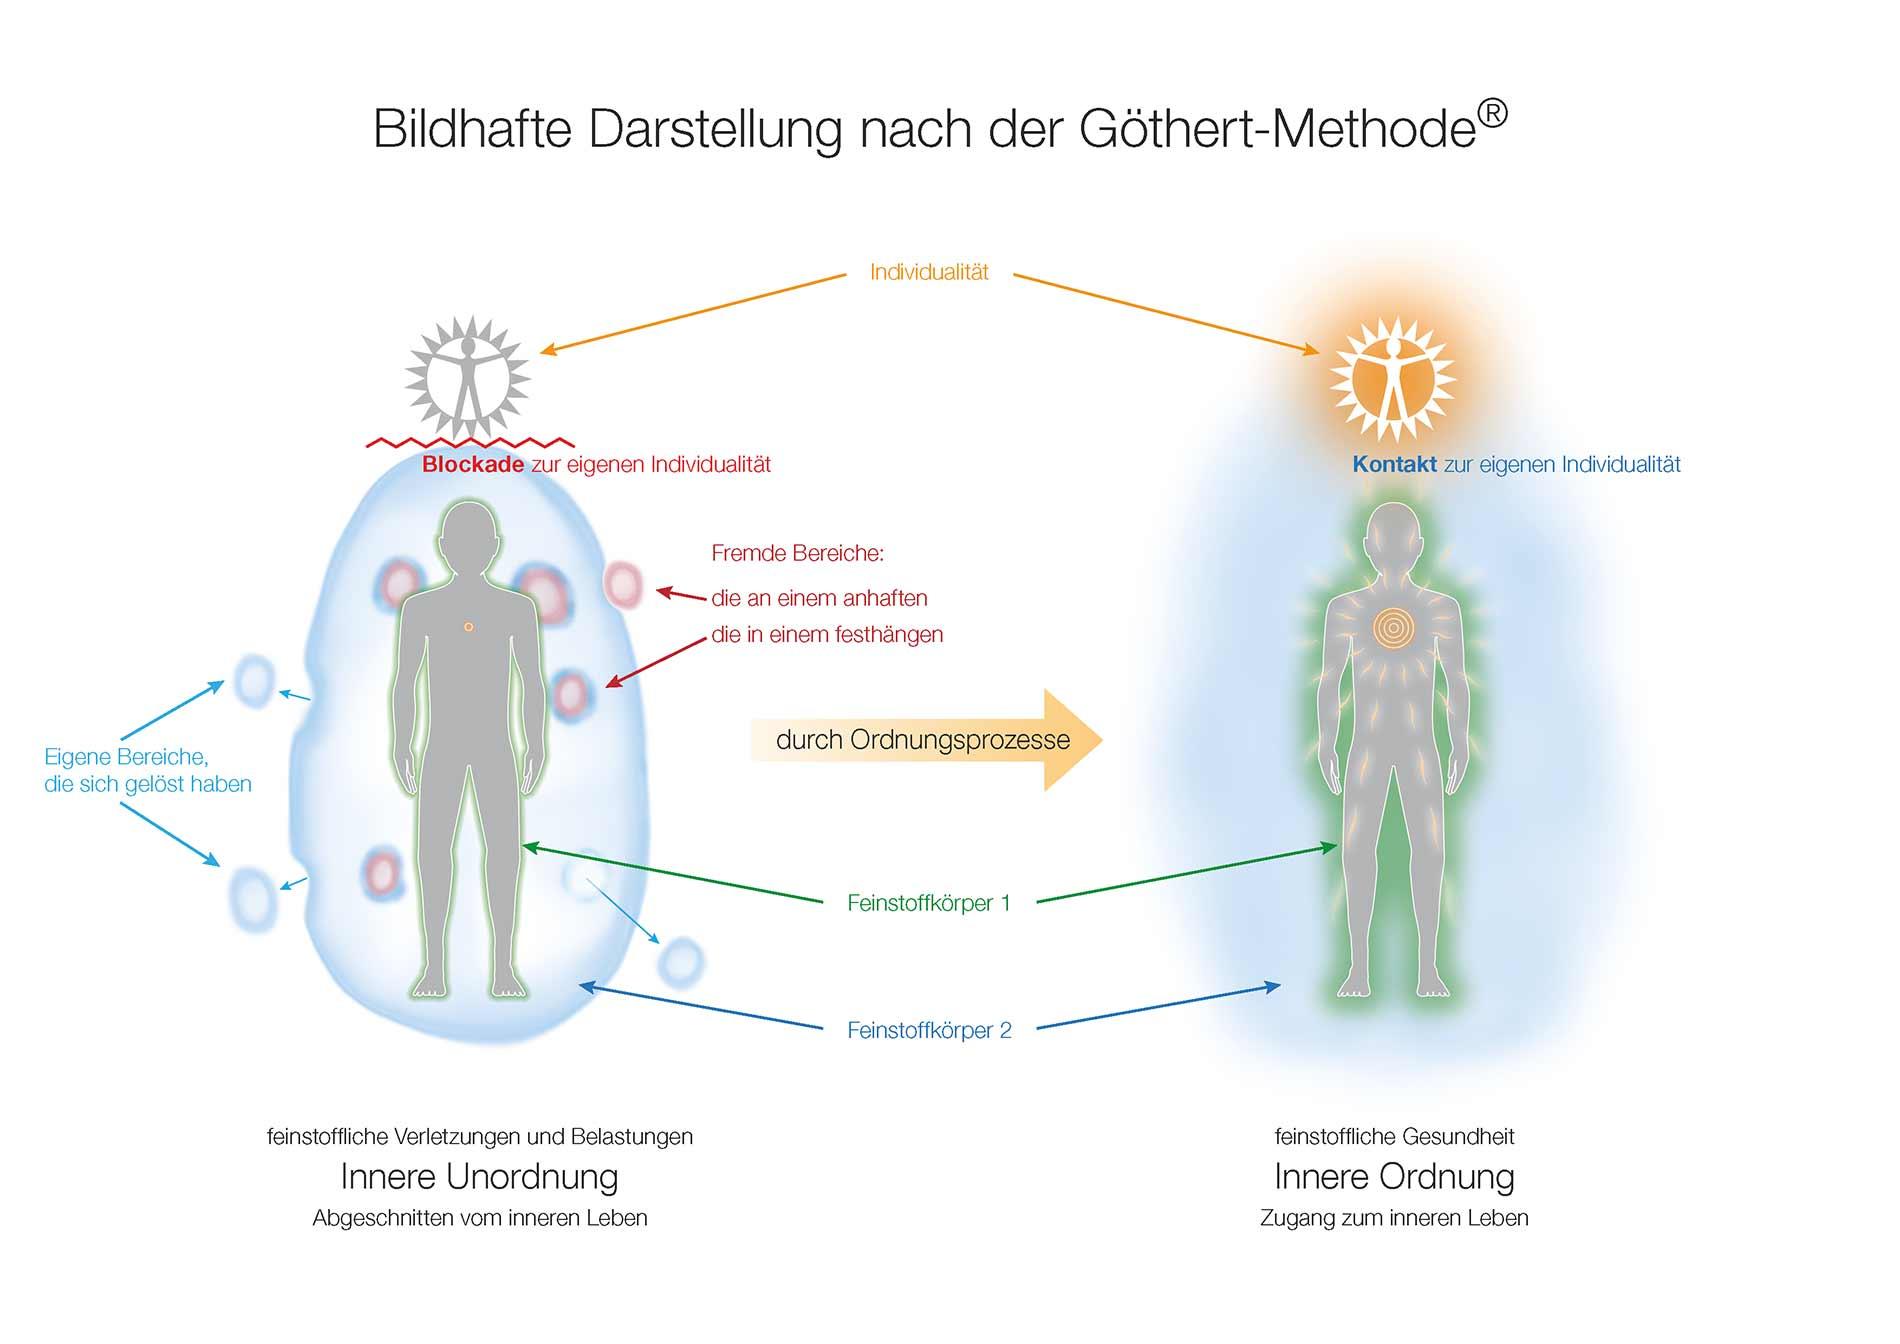 innere-ordnung-goethert-methode-02.jpg